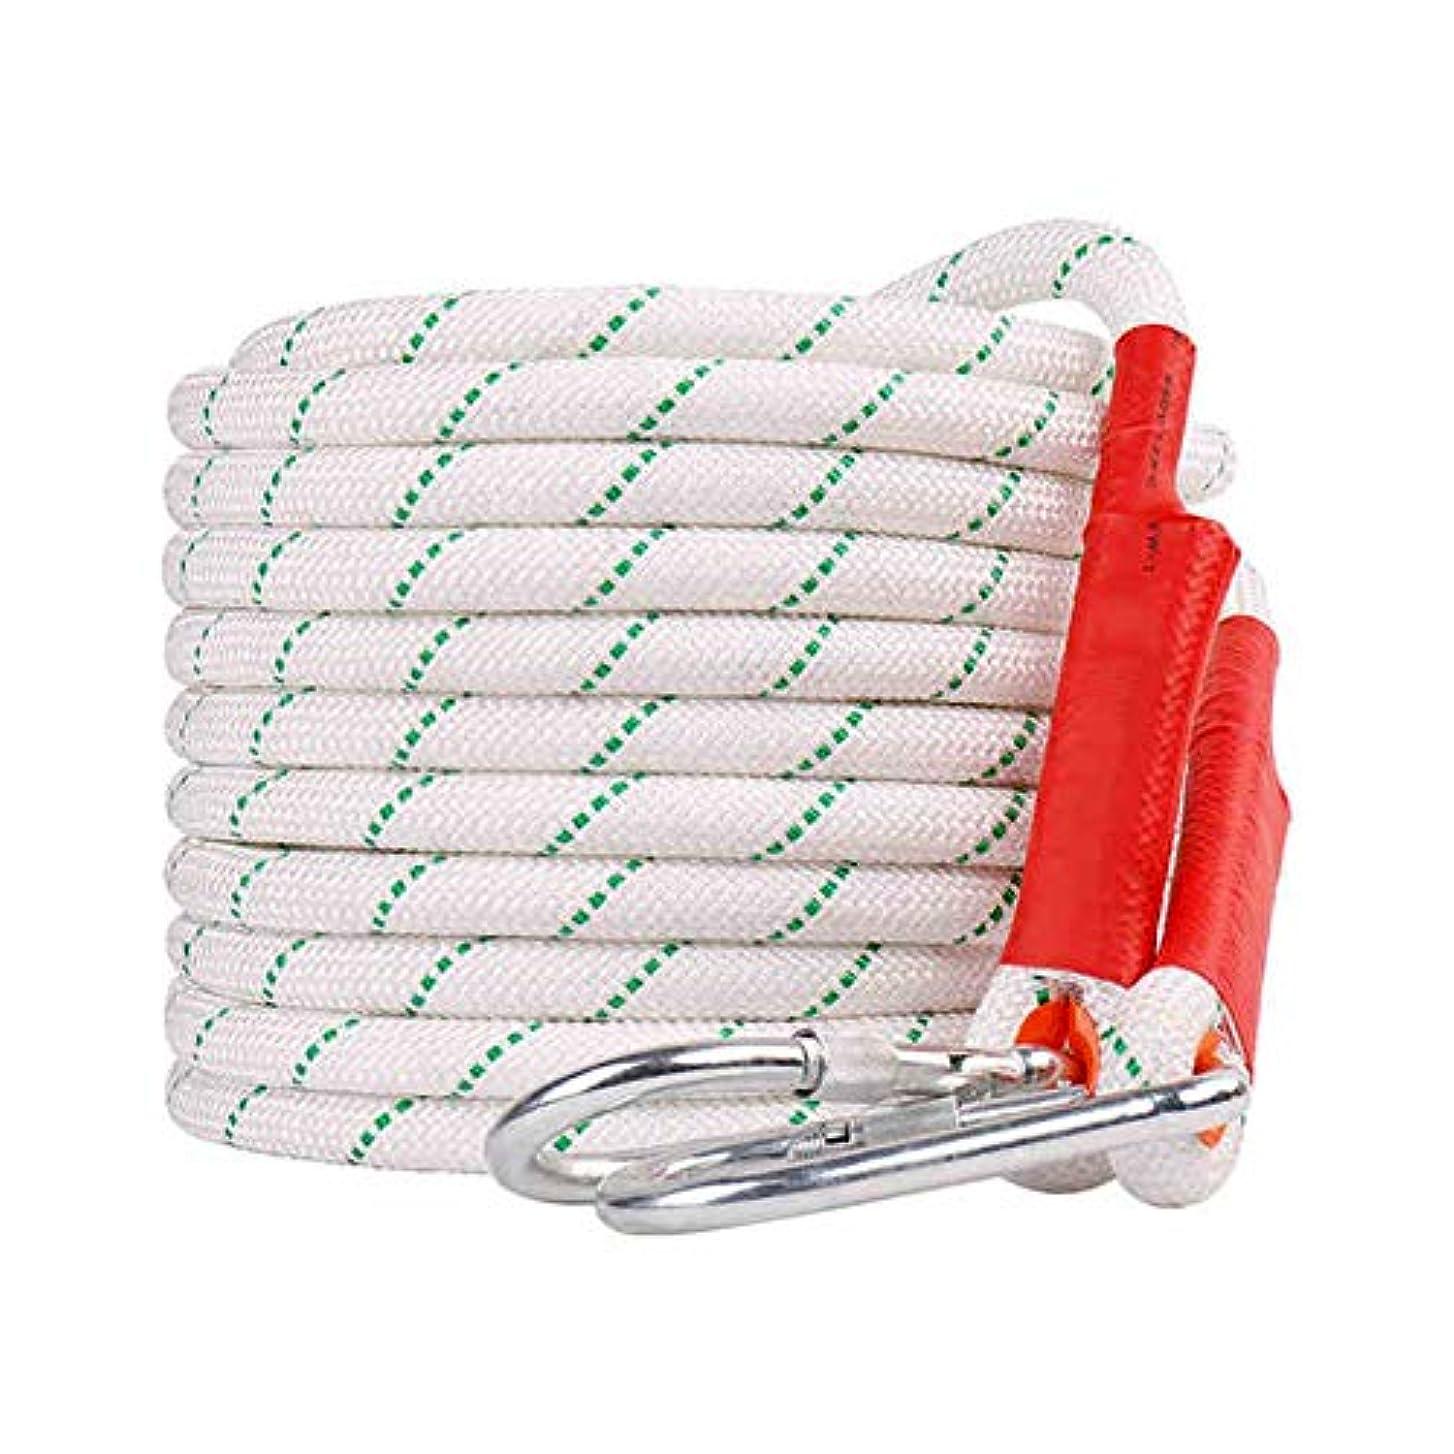 太いみあえぎ屋外クライミングロープ直径18mm 安全ロープ耐摩耗性空中作業ロープ消防救助ロープ最大安全引っ張り力2200kg,18mmindiameter,80m